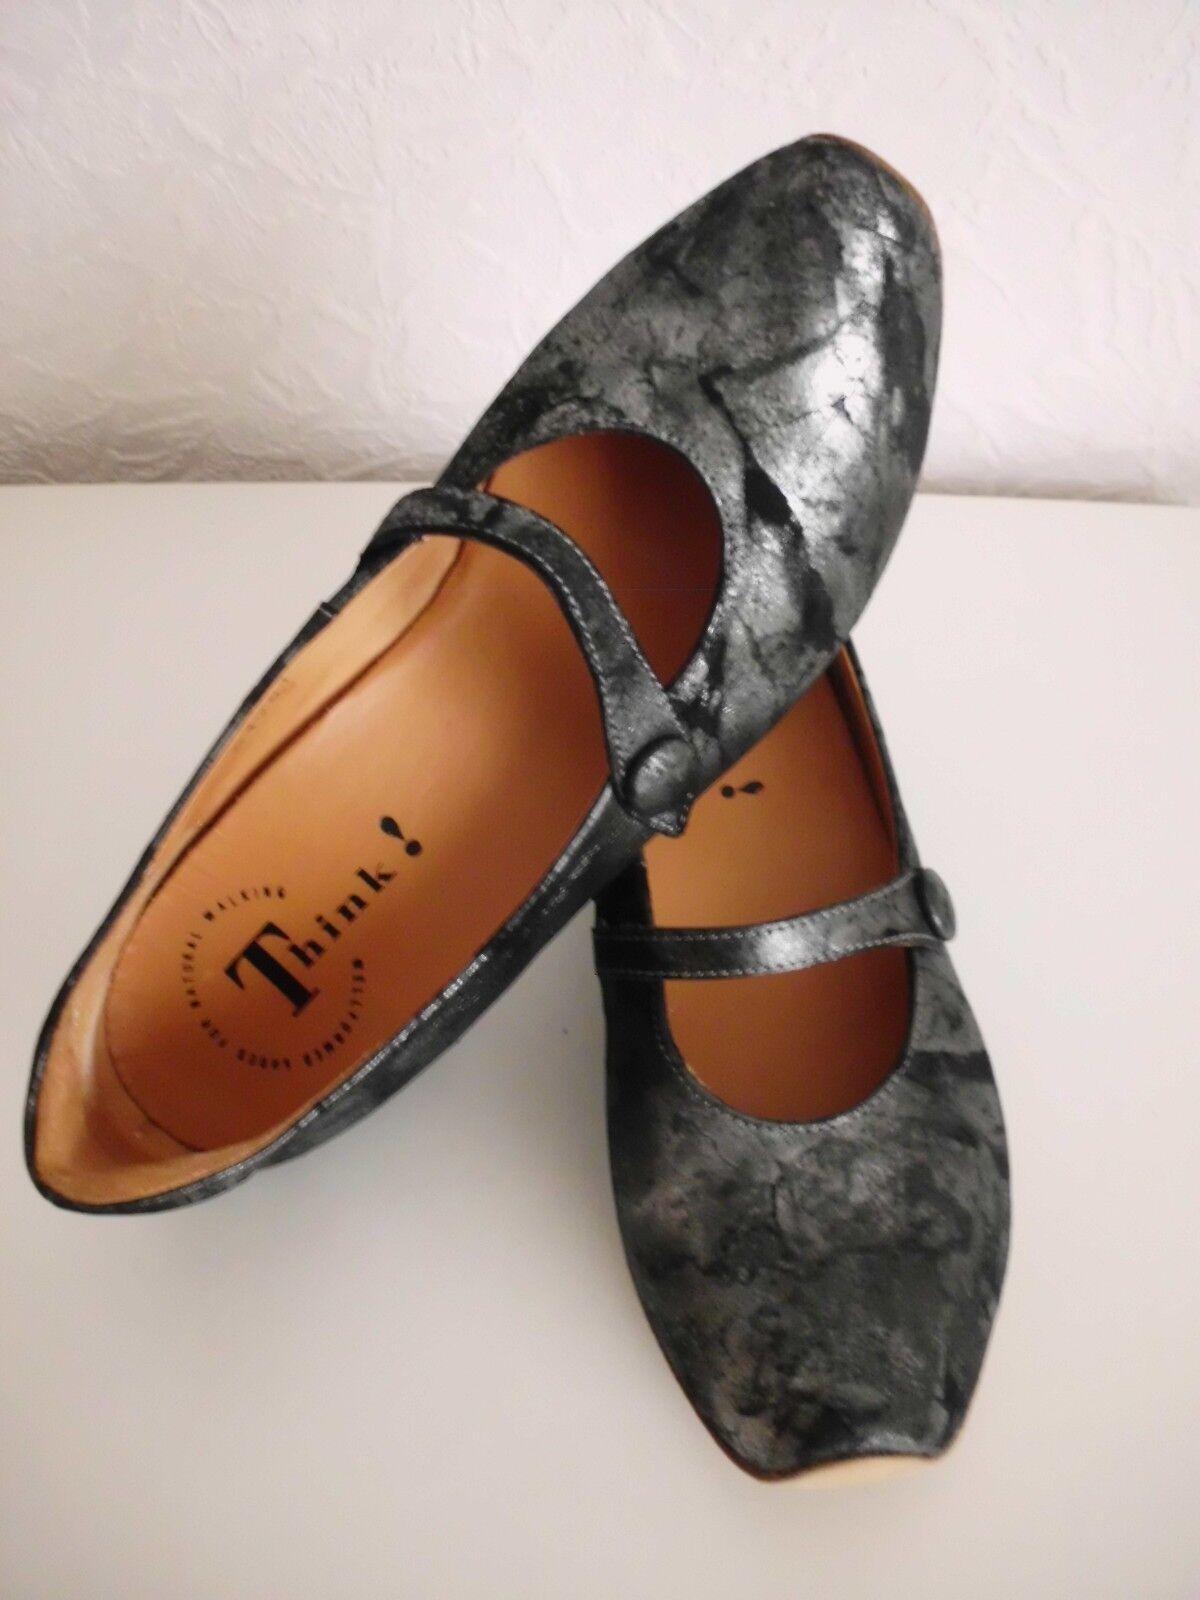 THINK   chic und elegante Leder Größe Riemchen Pumps Schwarz/Silber-Grau in Größe Leder 39 a56a0c